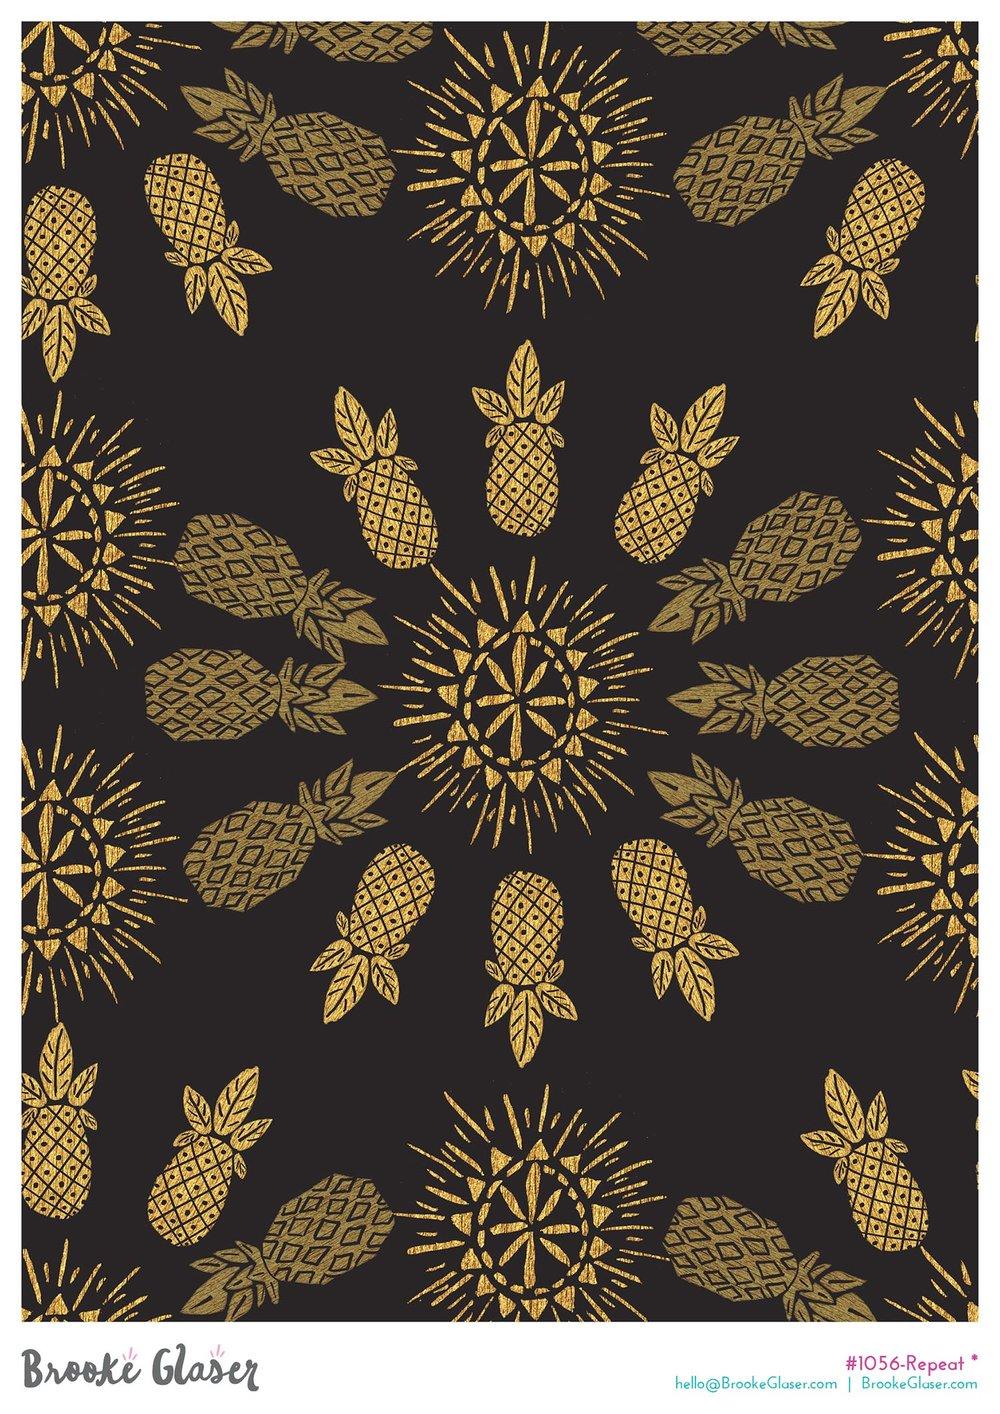 Brooke-Glaser-Prints25.jpg